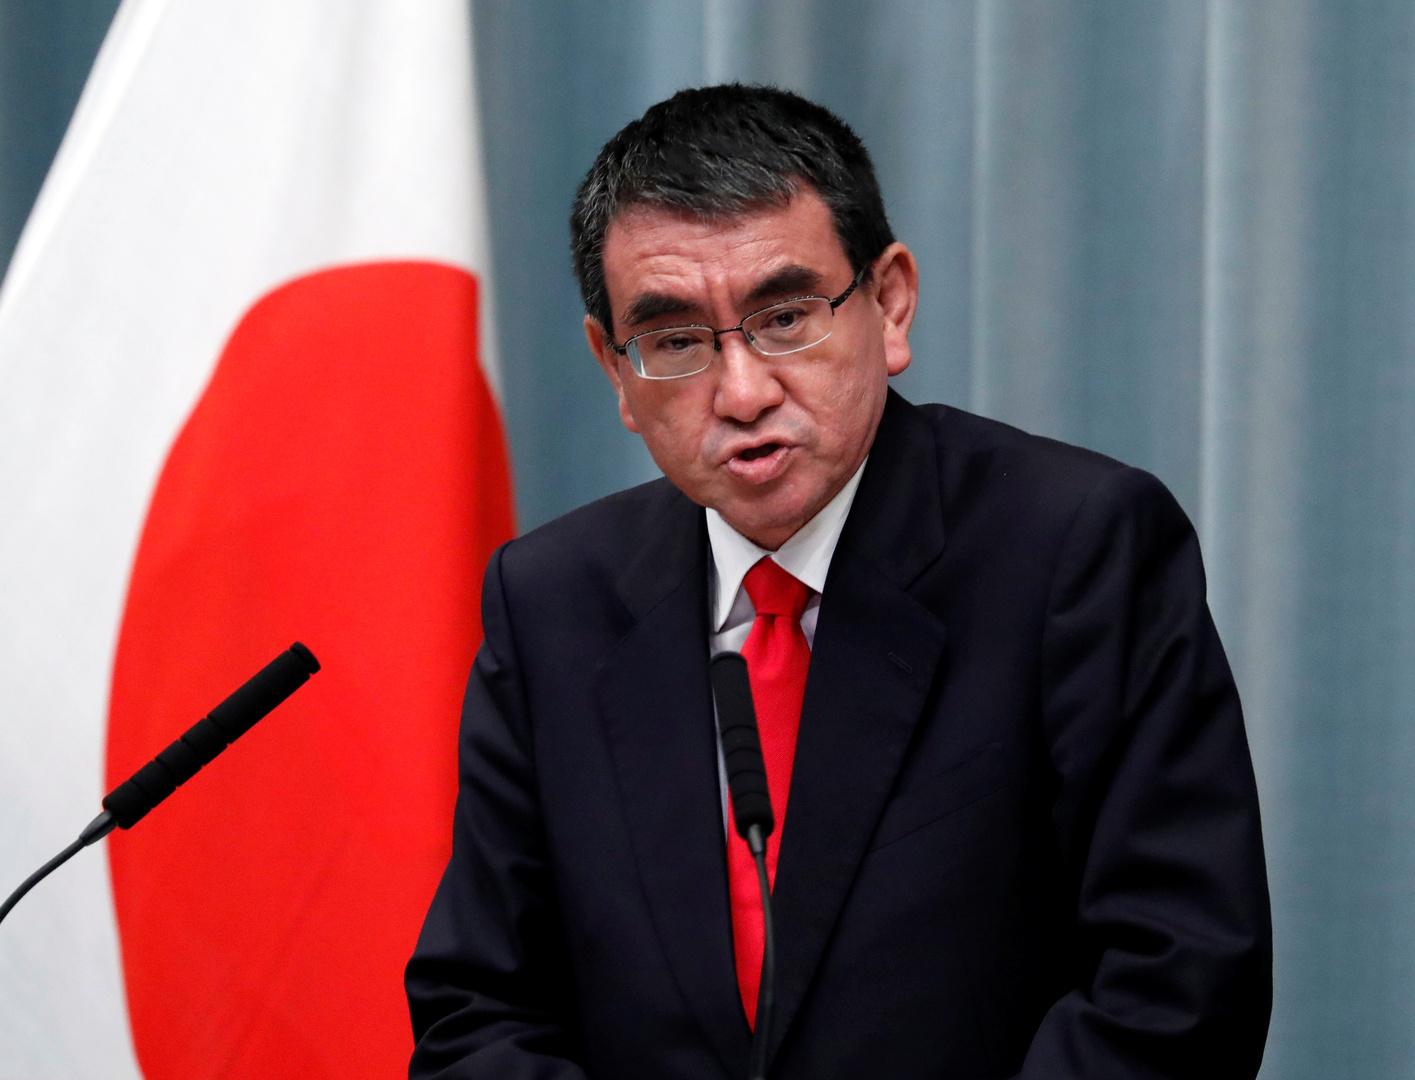 رويترز: وزير الدفاع الياباني يأمر بنشر قوات الدفاع الذاتي في الشرق الأوسط